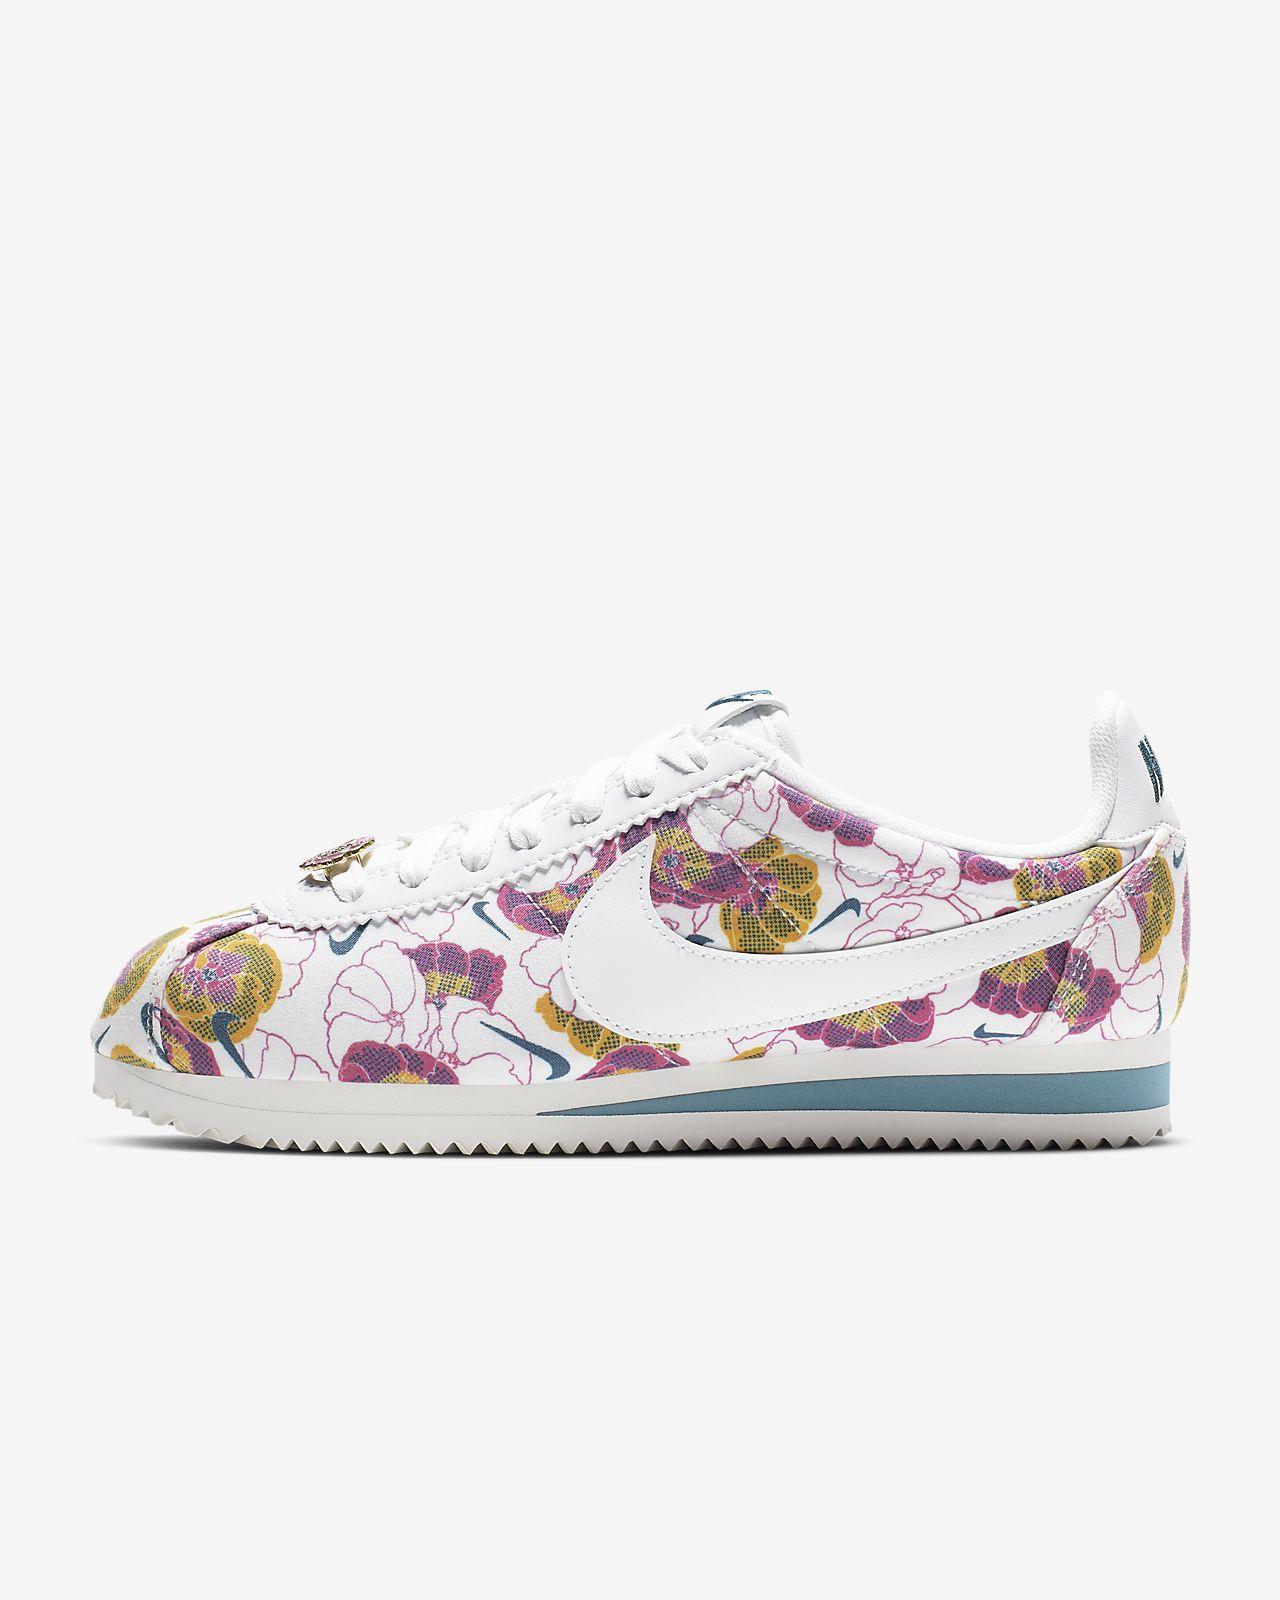 รองเท้าผู้หญิง Nike Classic Cortez LX Floral